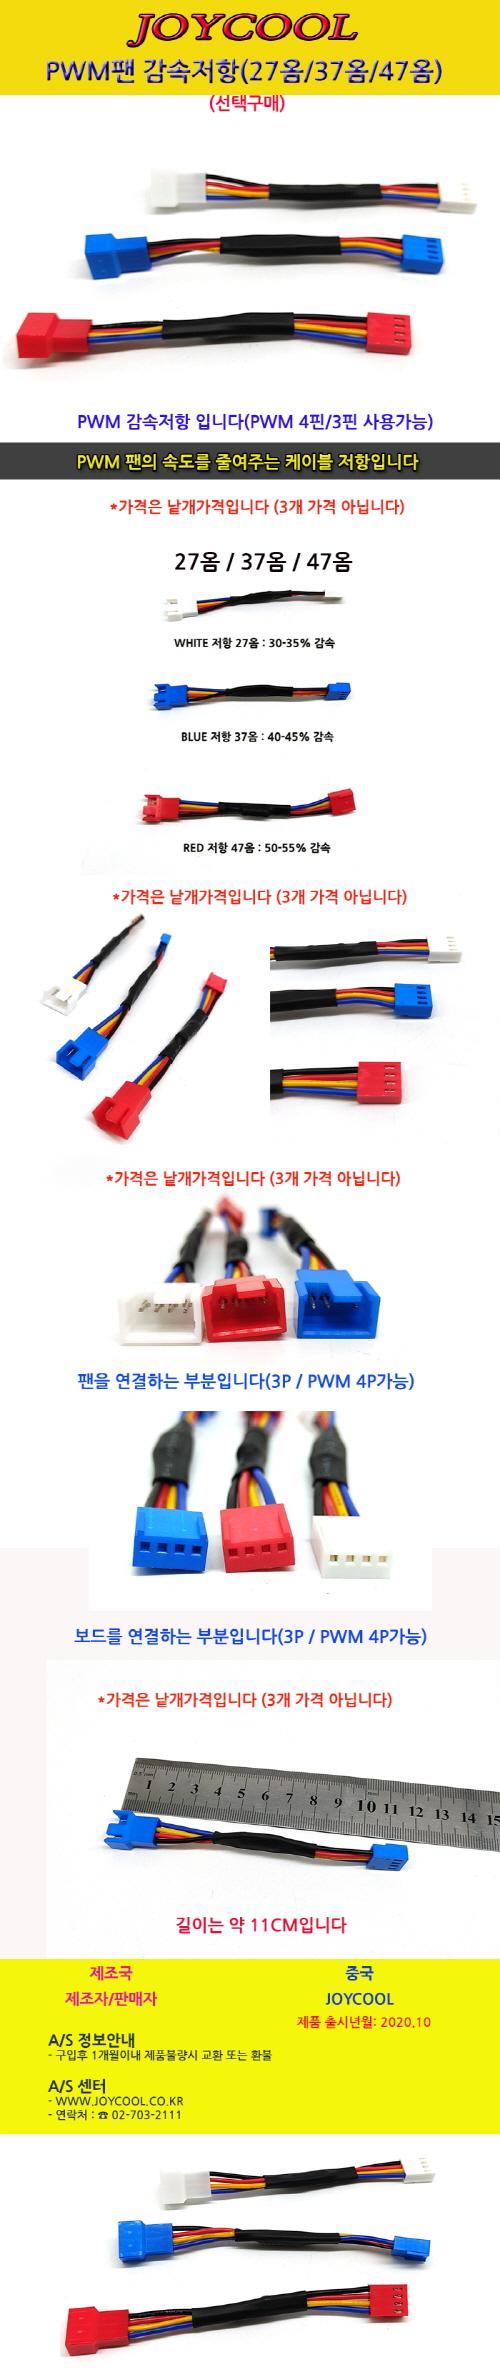 조이쿨 조이쿨 PWM 팬 감속저항 37옴 케이블 (0.11m)